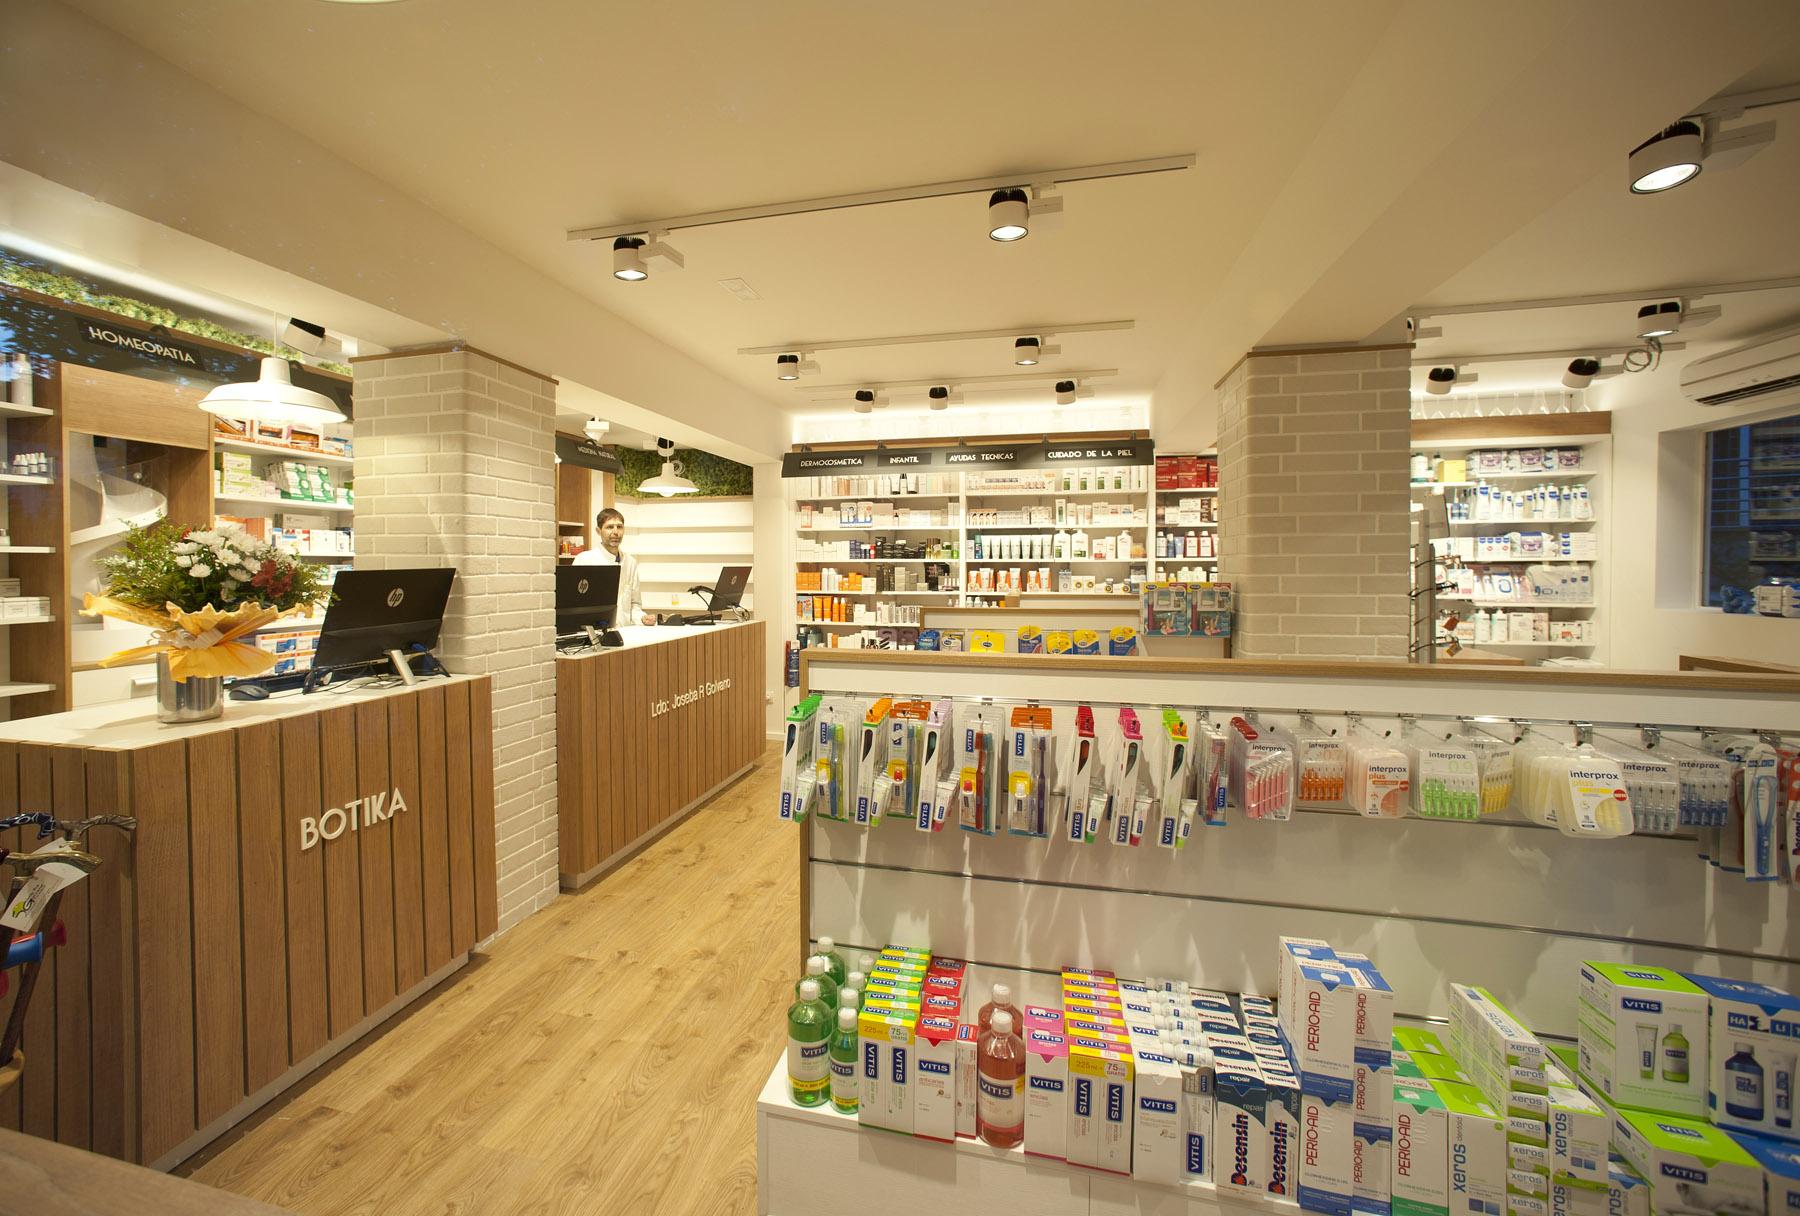 Dise o integral de farmacia en bilbao por sube for Licenciatura en decoracion de interiores